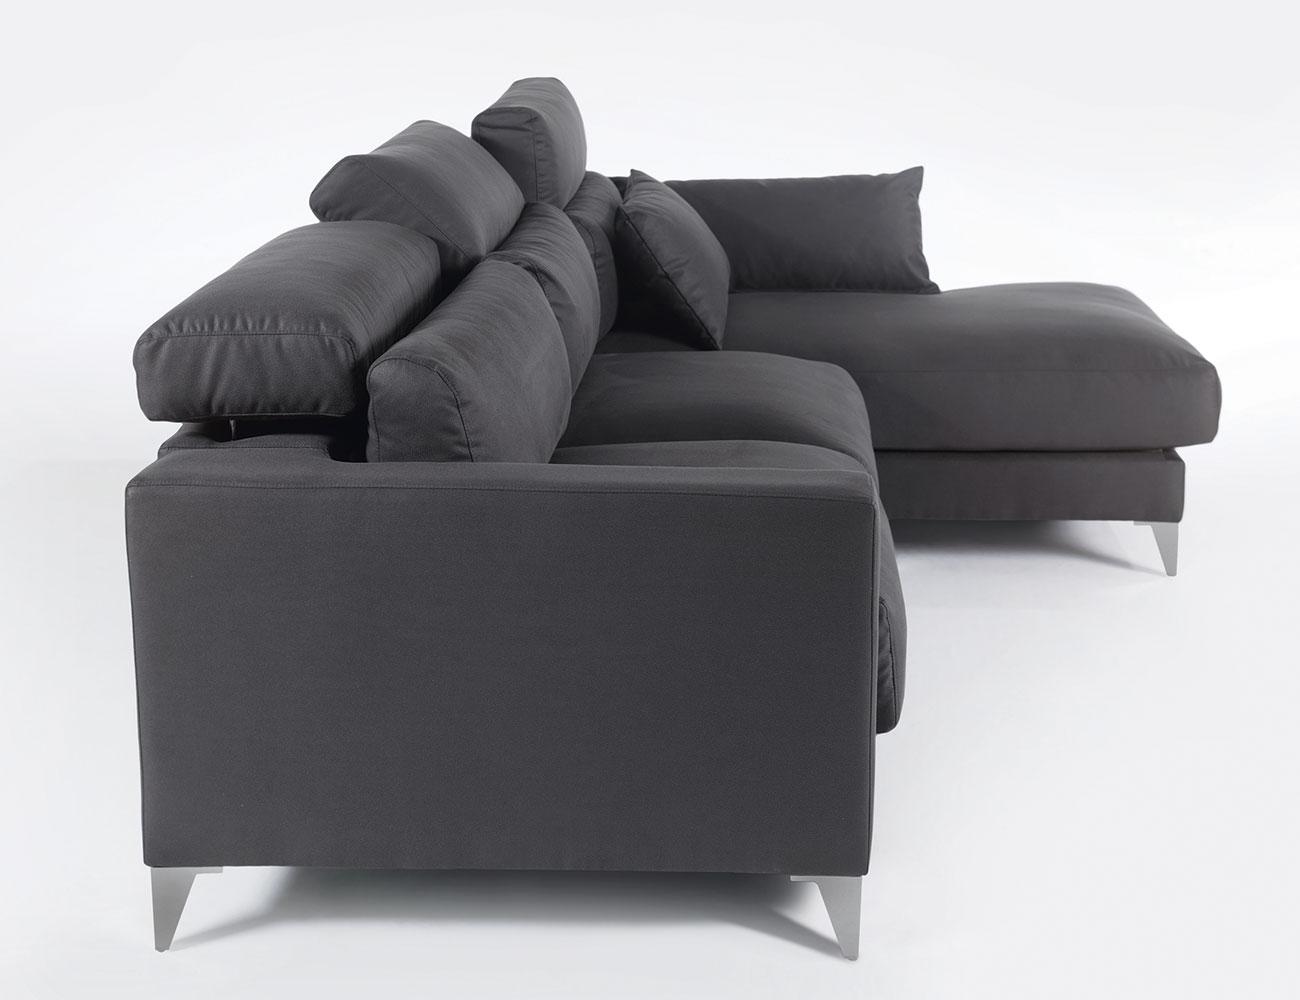 Sofa chaiselongue gran lujo decorativo grafito 140